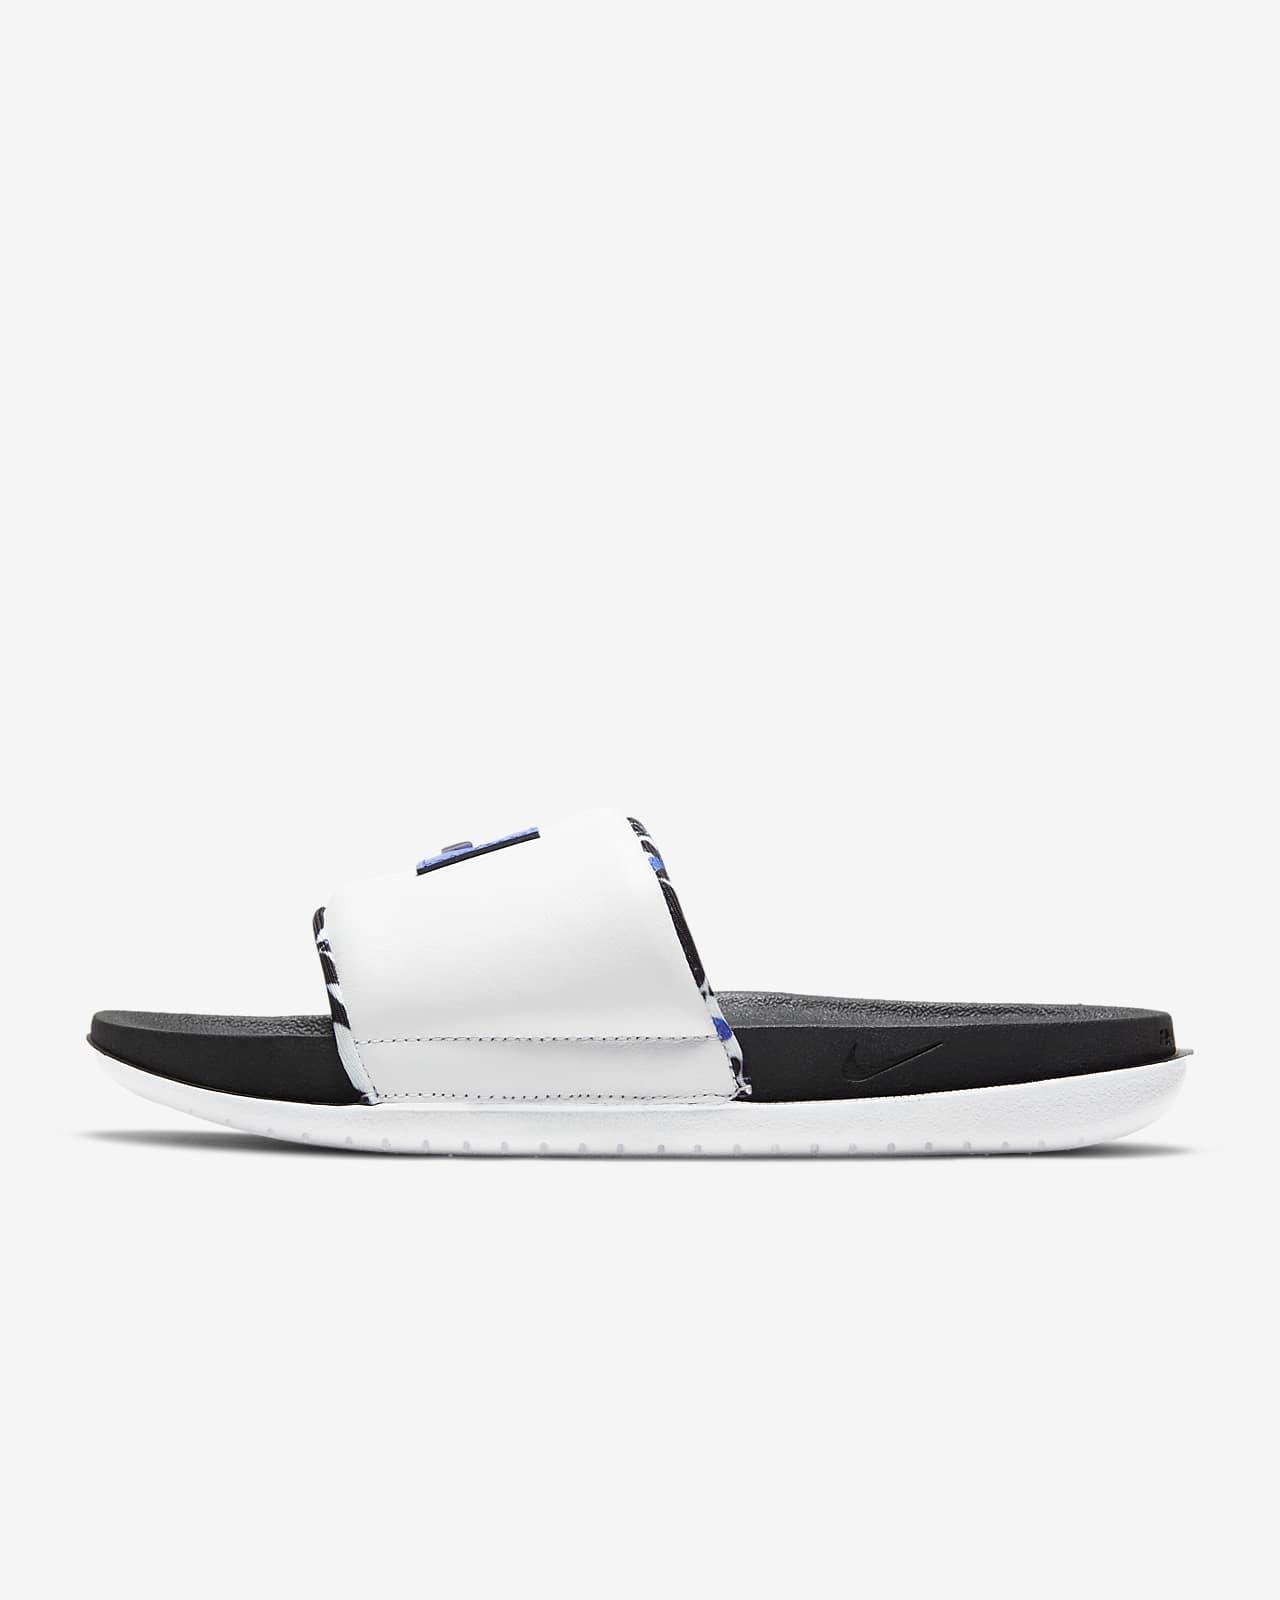 Nike OffCourt Slide SE Women's Slide